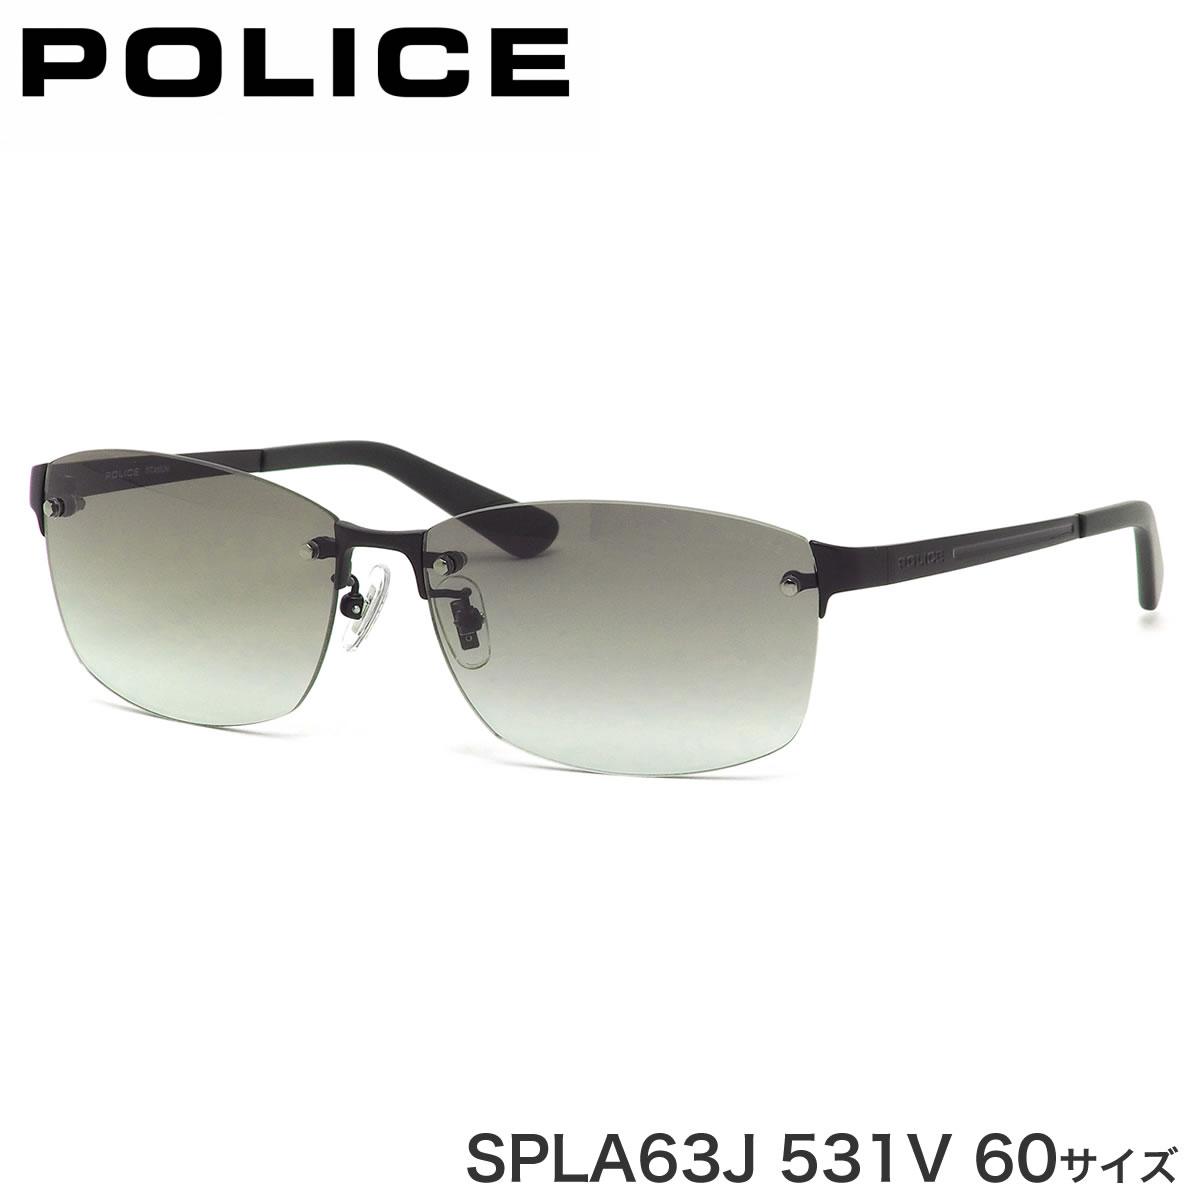 ポリス POLICE サングラス SPLA63J 531V 60サイズ LANE レイン レーン グラデーションレンズ 縁なし かっこいい メンズ レディース